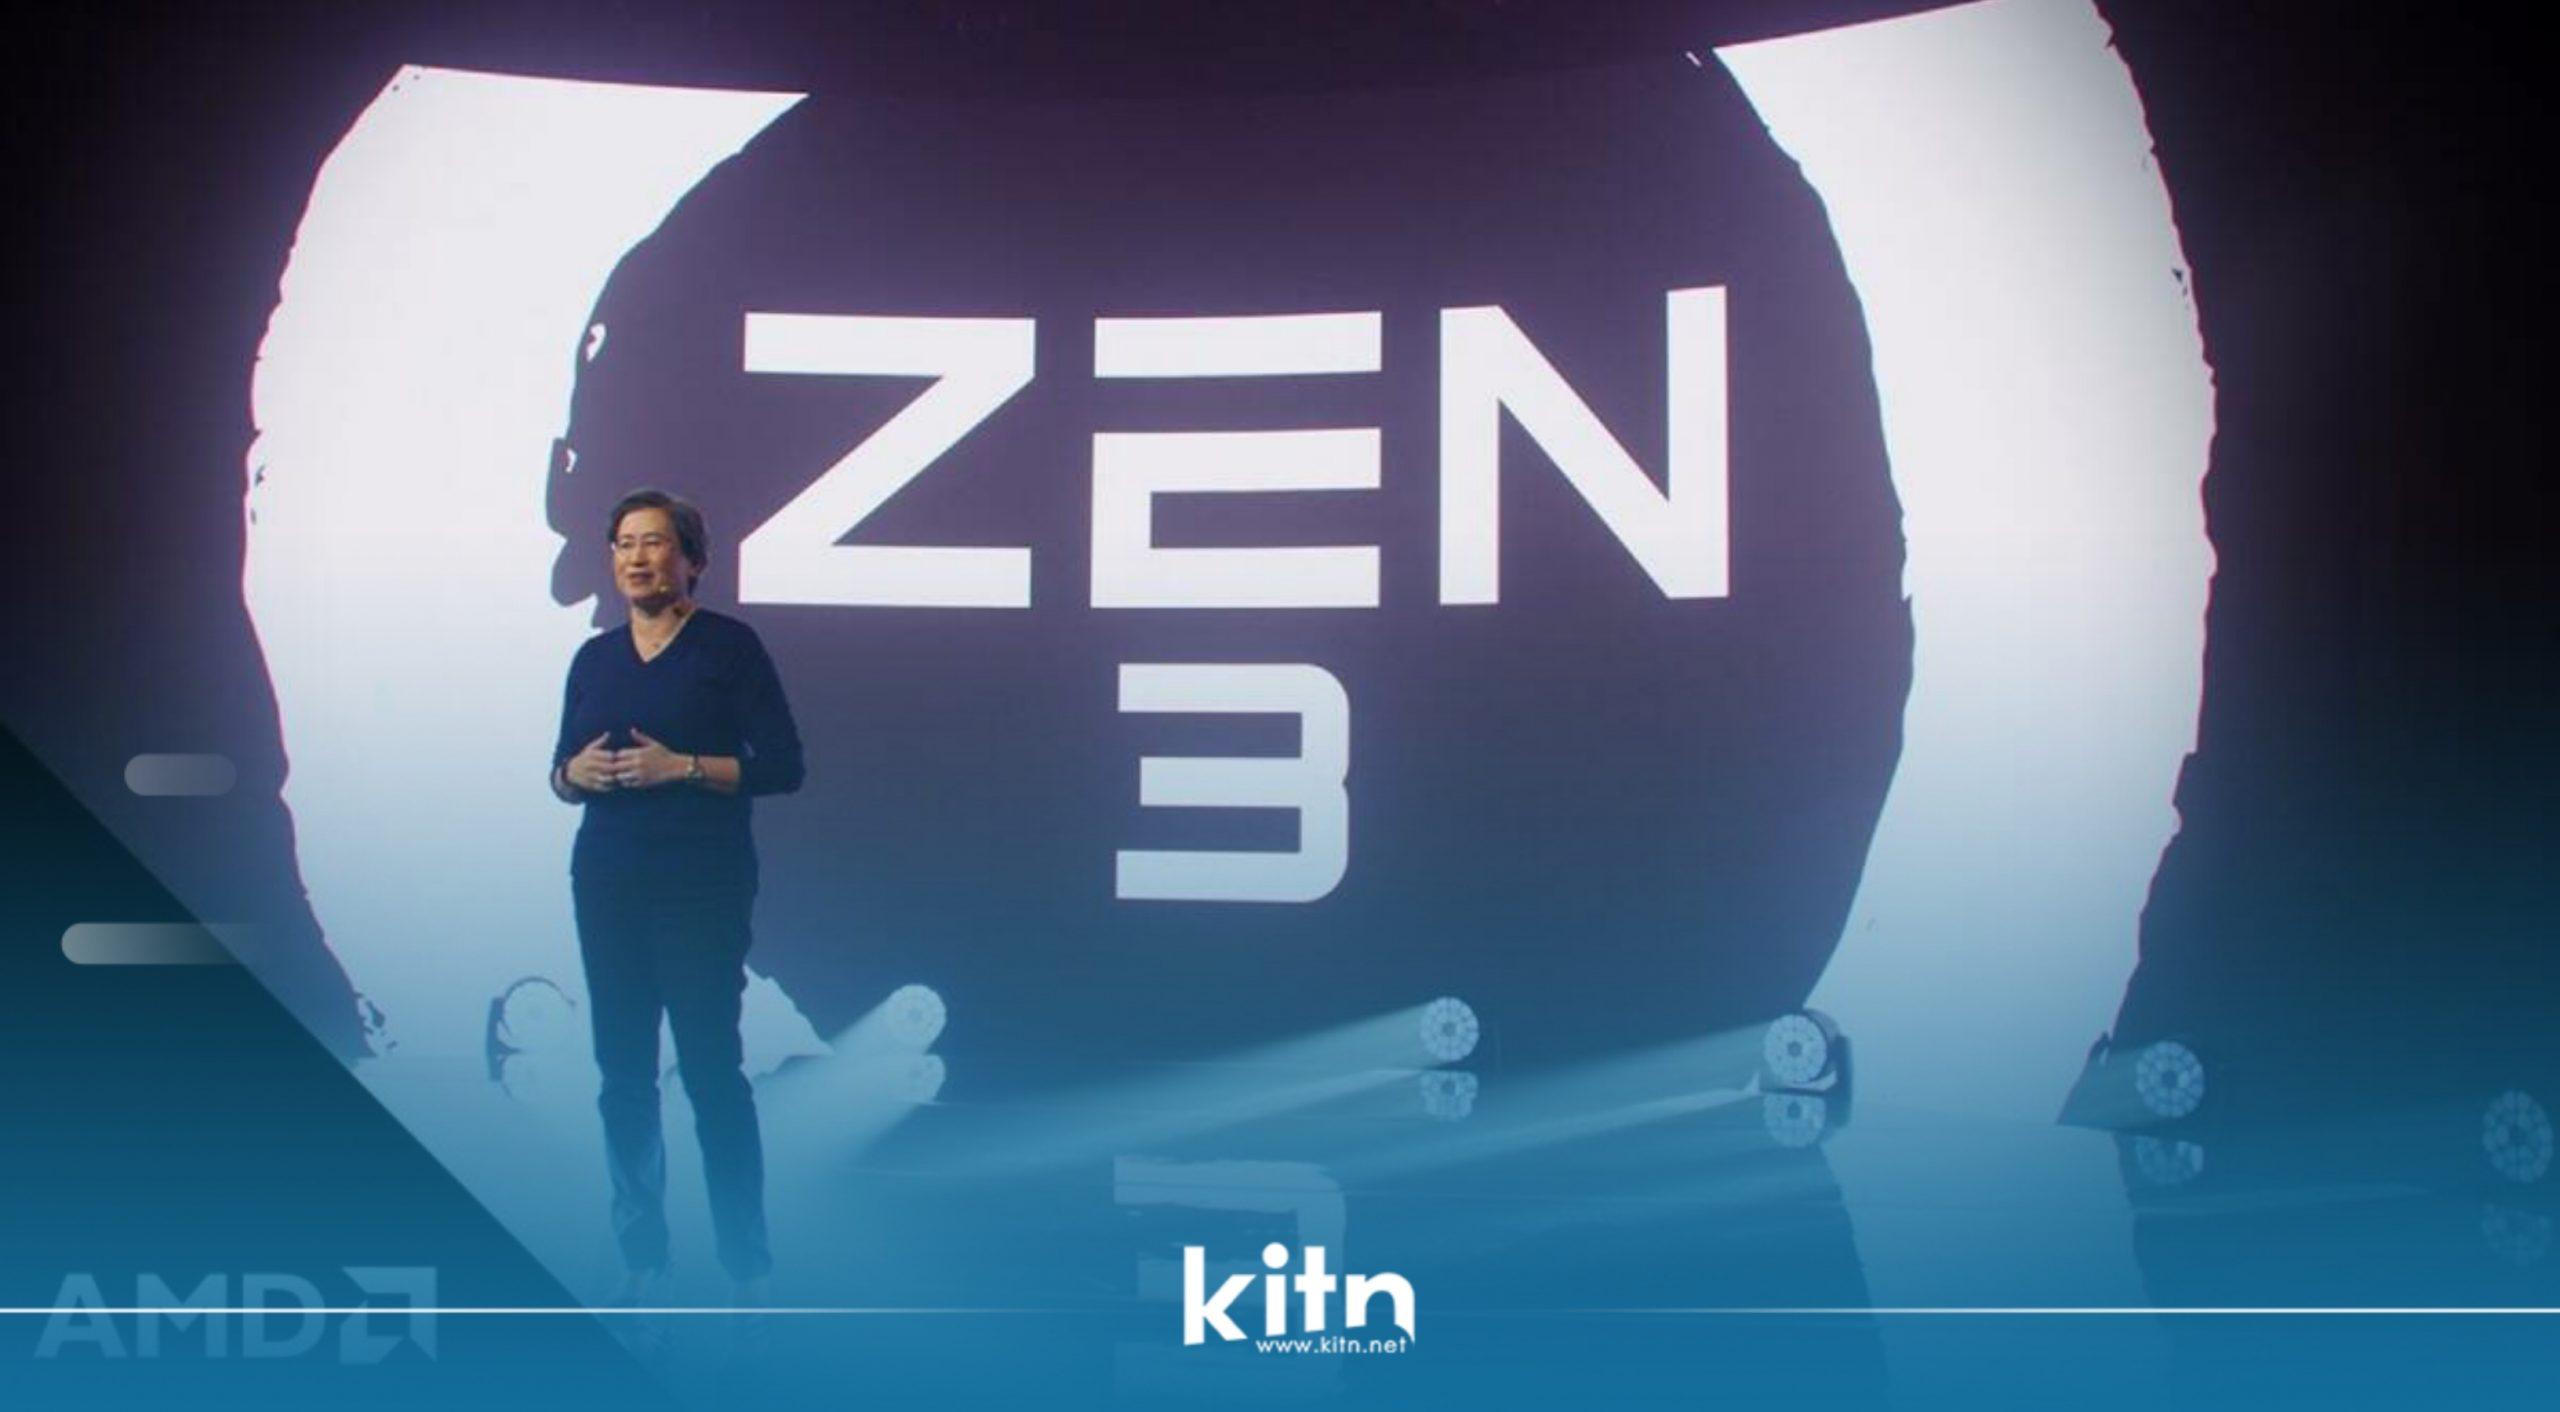 بە فەرمی نەوەی سێیەمی Zen 3 و پرۆسێسەرەکانی زنجیرەی 5000ـی ڕایزن بۆ دێسکتۆپ نمایش کرا